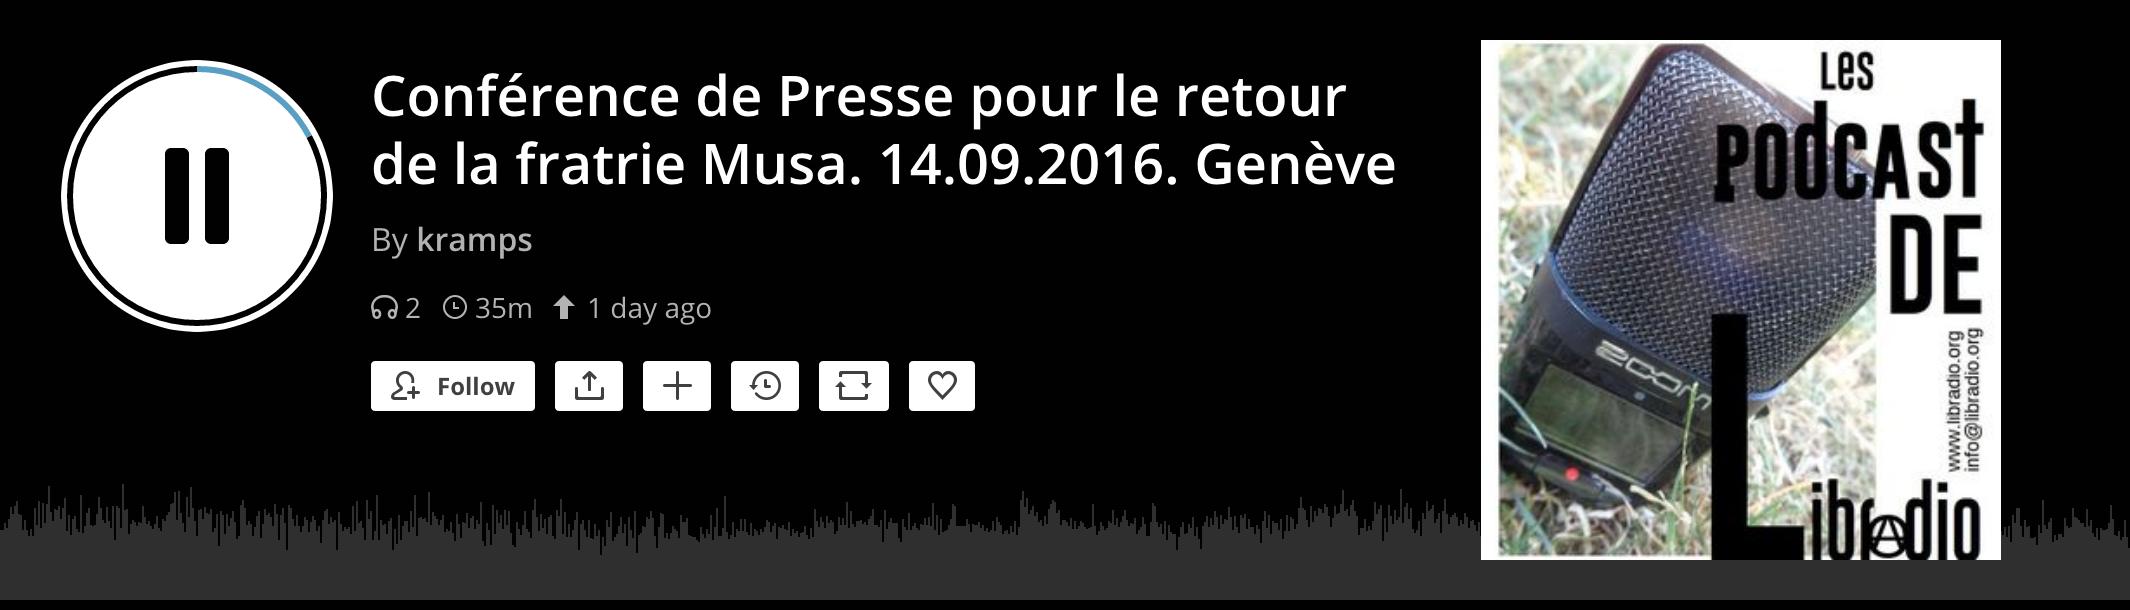 2016-09-14_podcast_fratriemusa